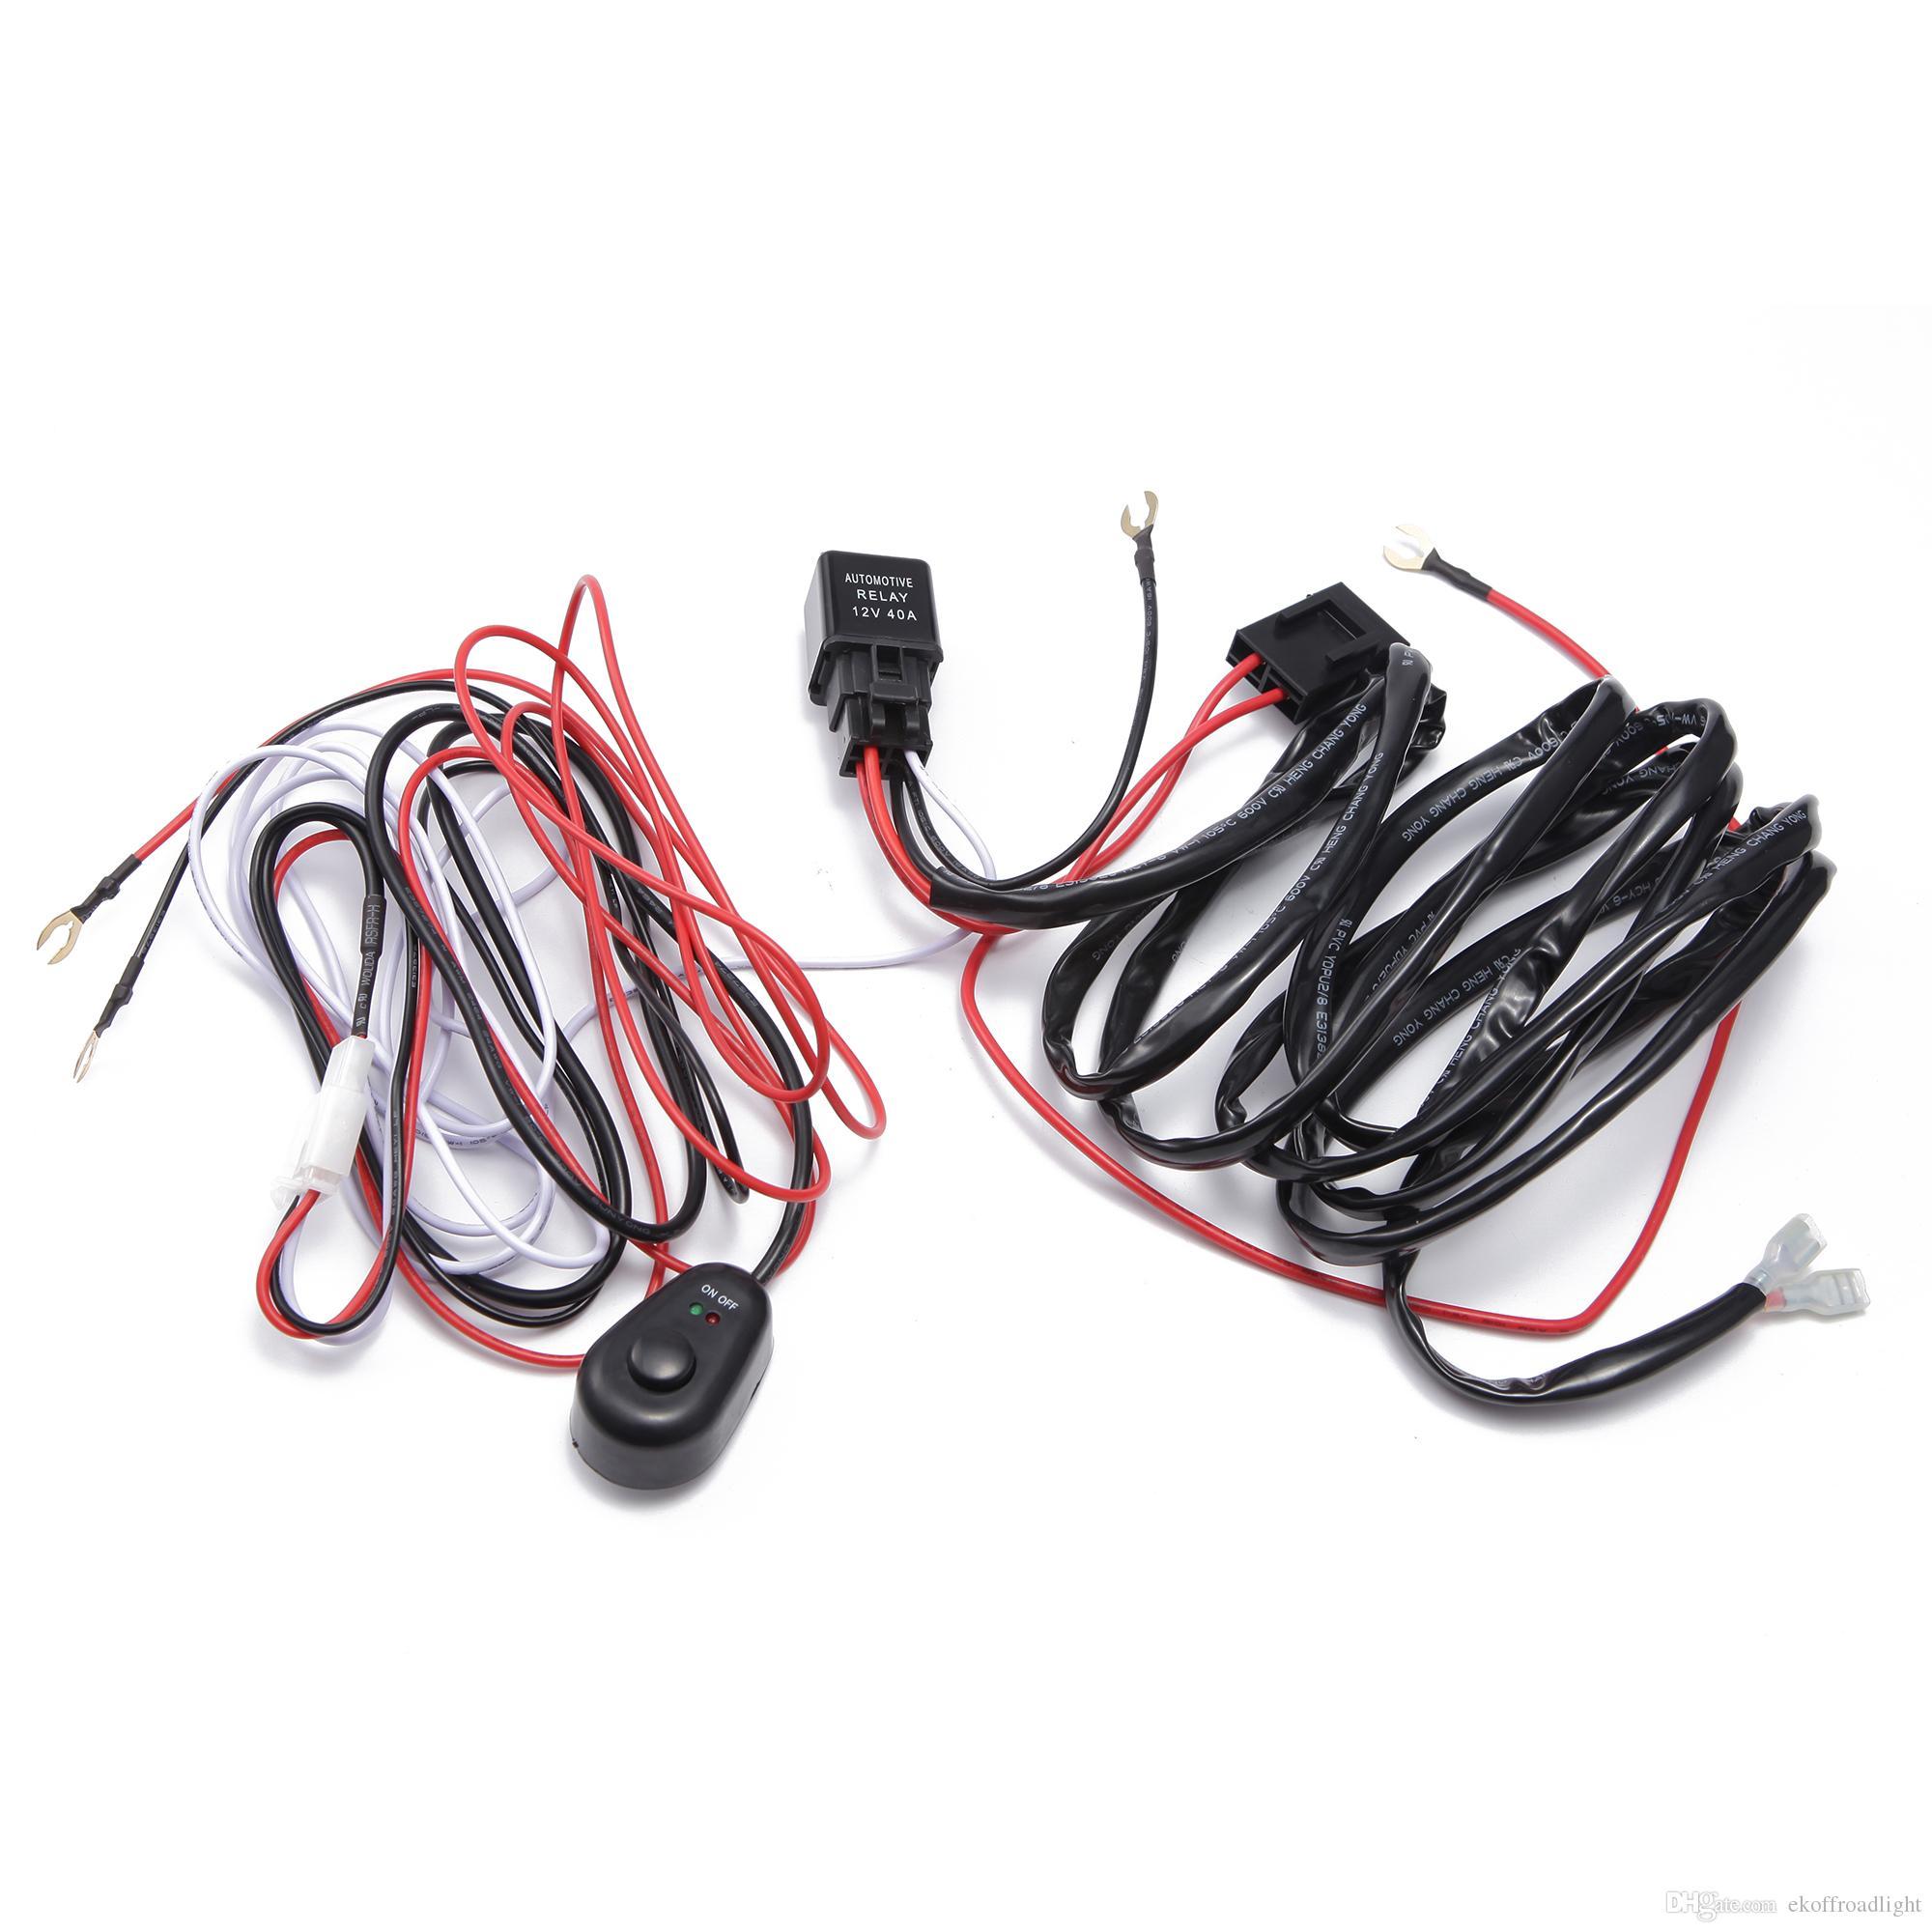 ECAHAYAKU Carro LED Barra de Luz Fio 2 M 12 v-24 v 40A Kit de cabos de tear de relé de cablagem Fusível para condução automática Off-road Led Lâmpada de trabalho